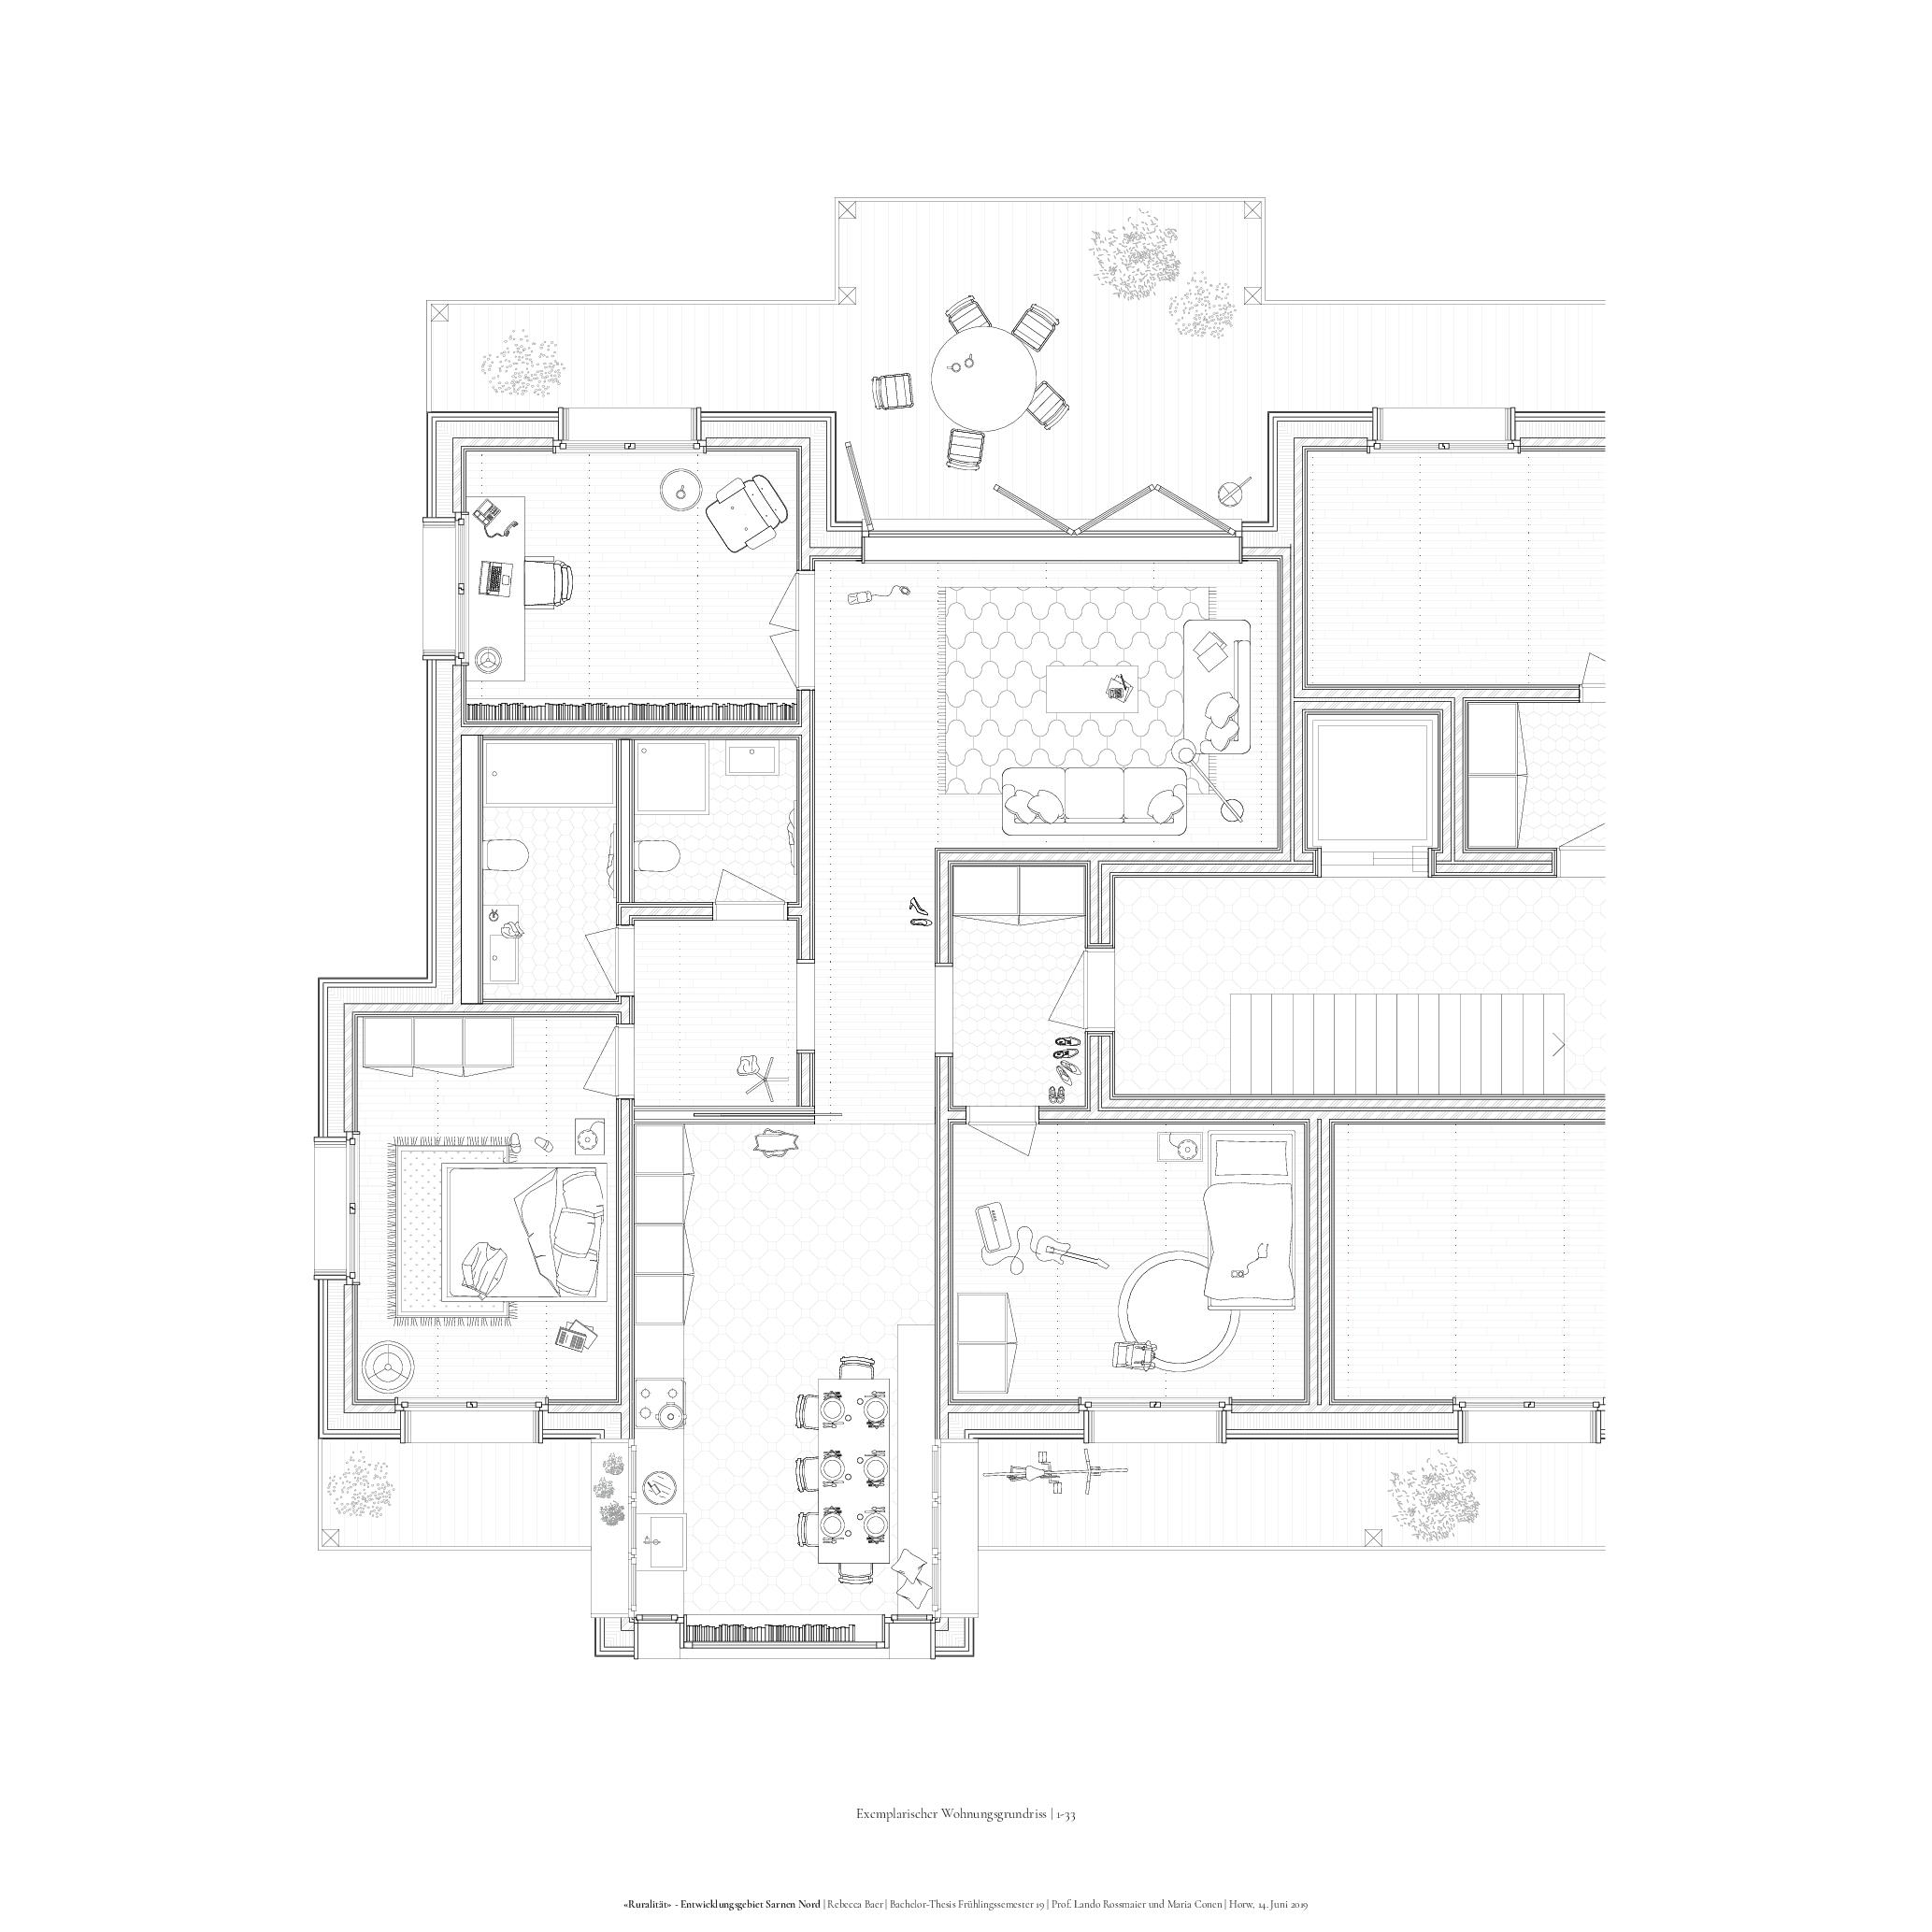 Plan des appartements 1-33